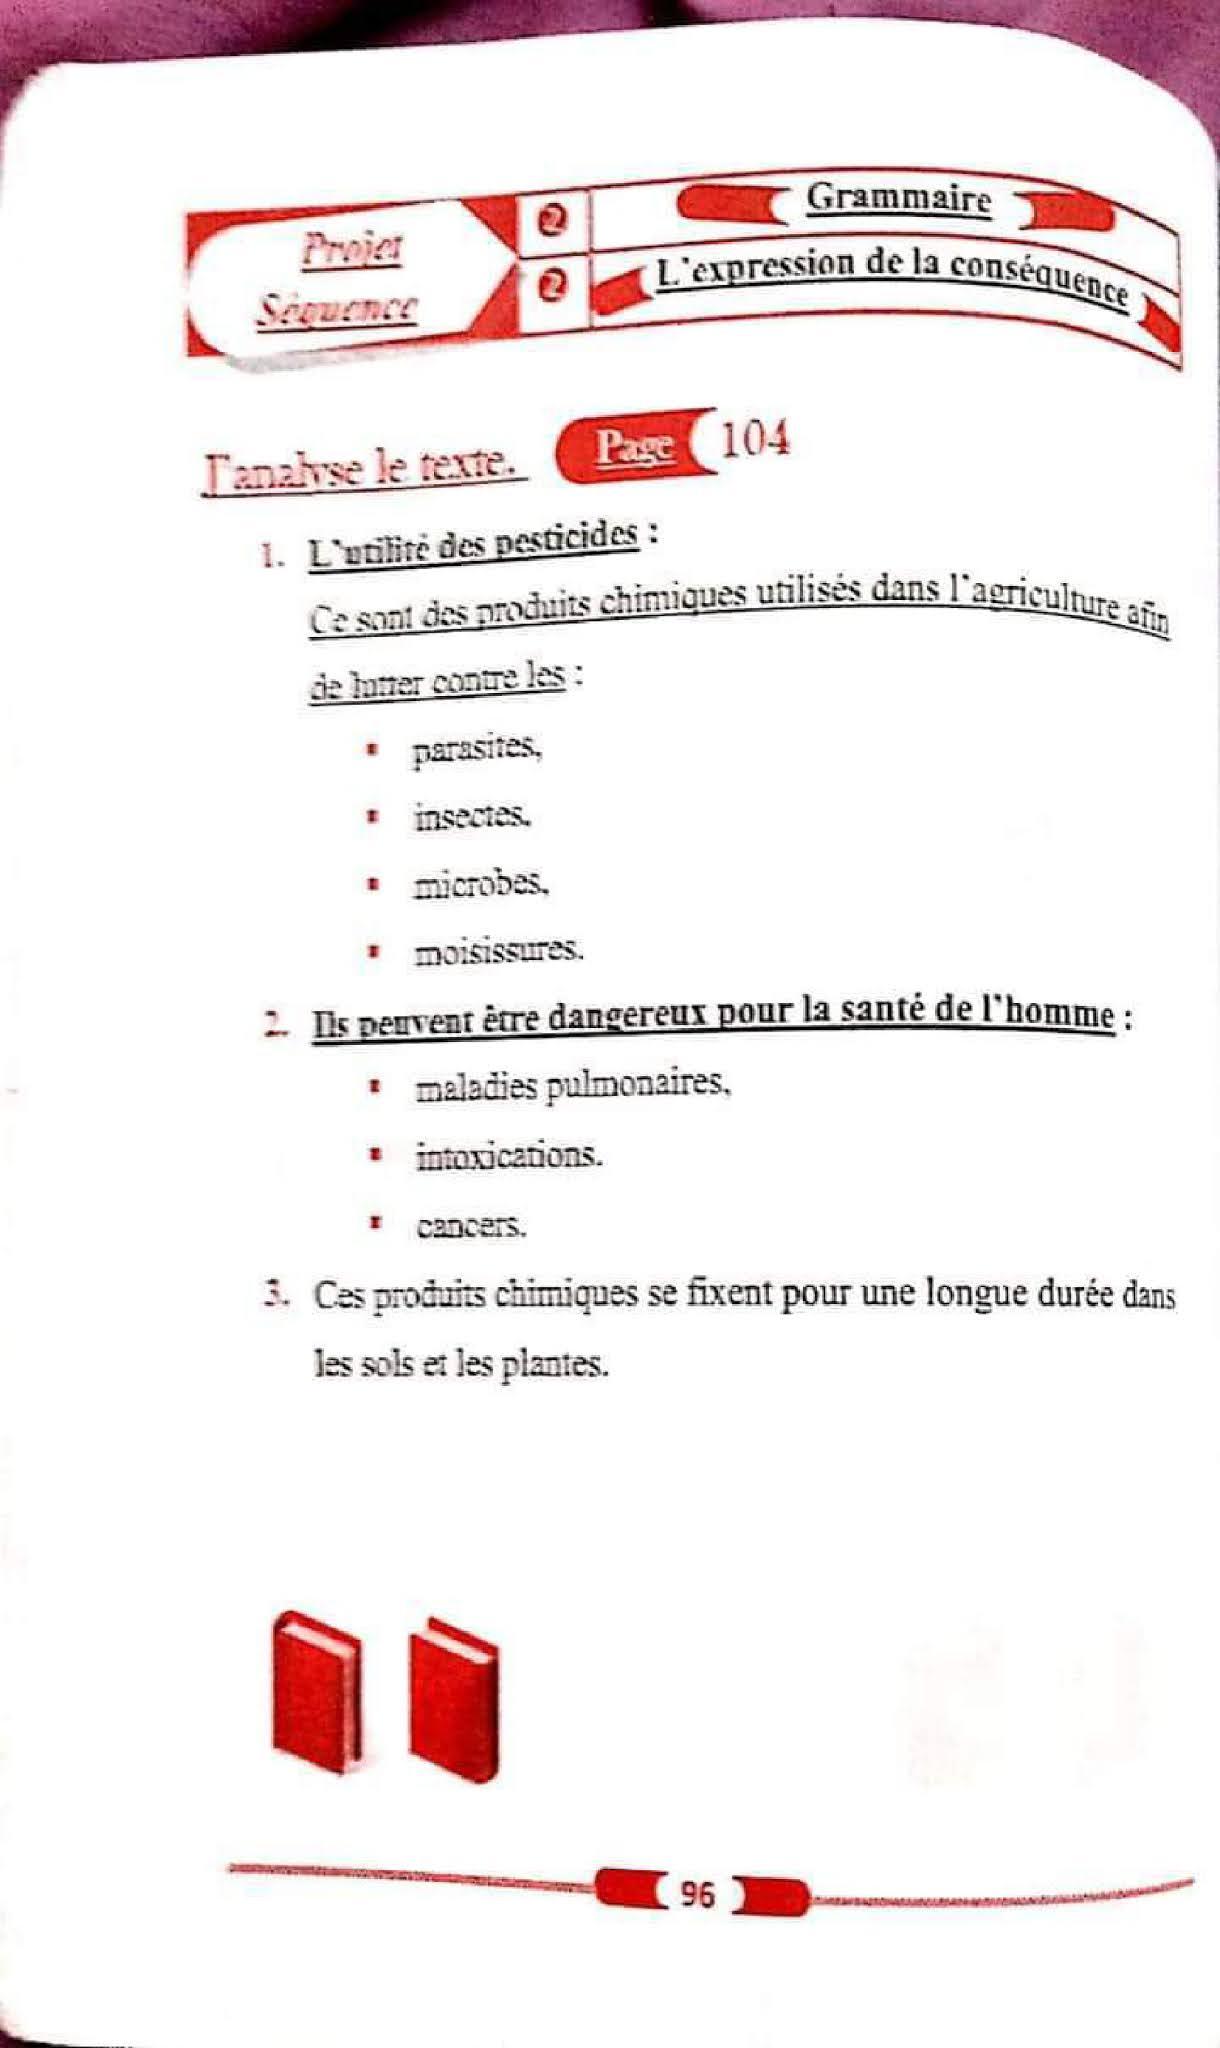 حل تمارين صفحة 104 الفرنسية للسنة الأولى متوسط الجيل الثاني